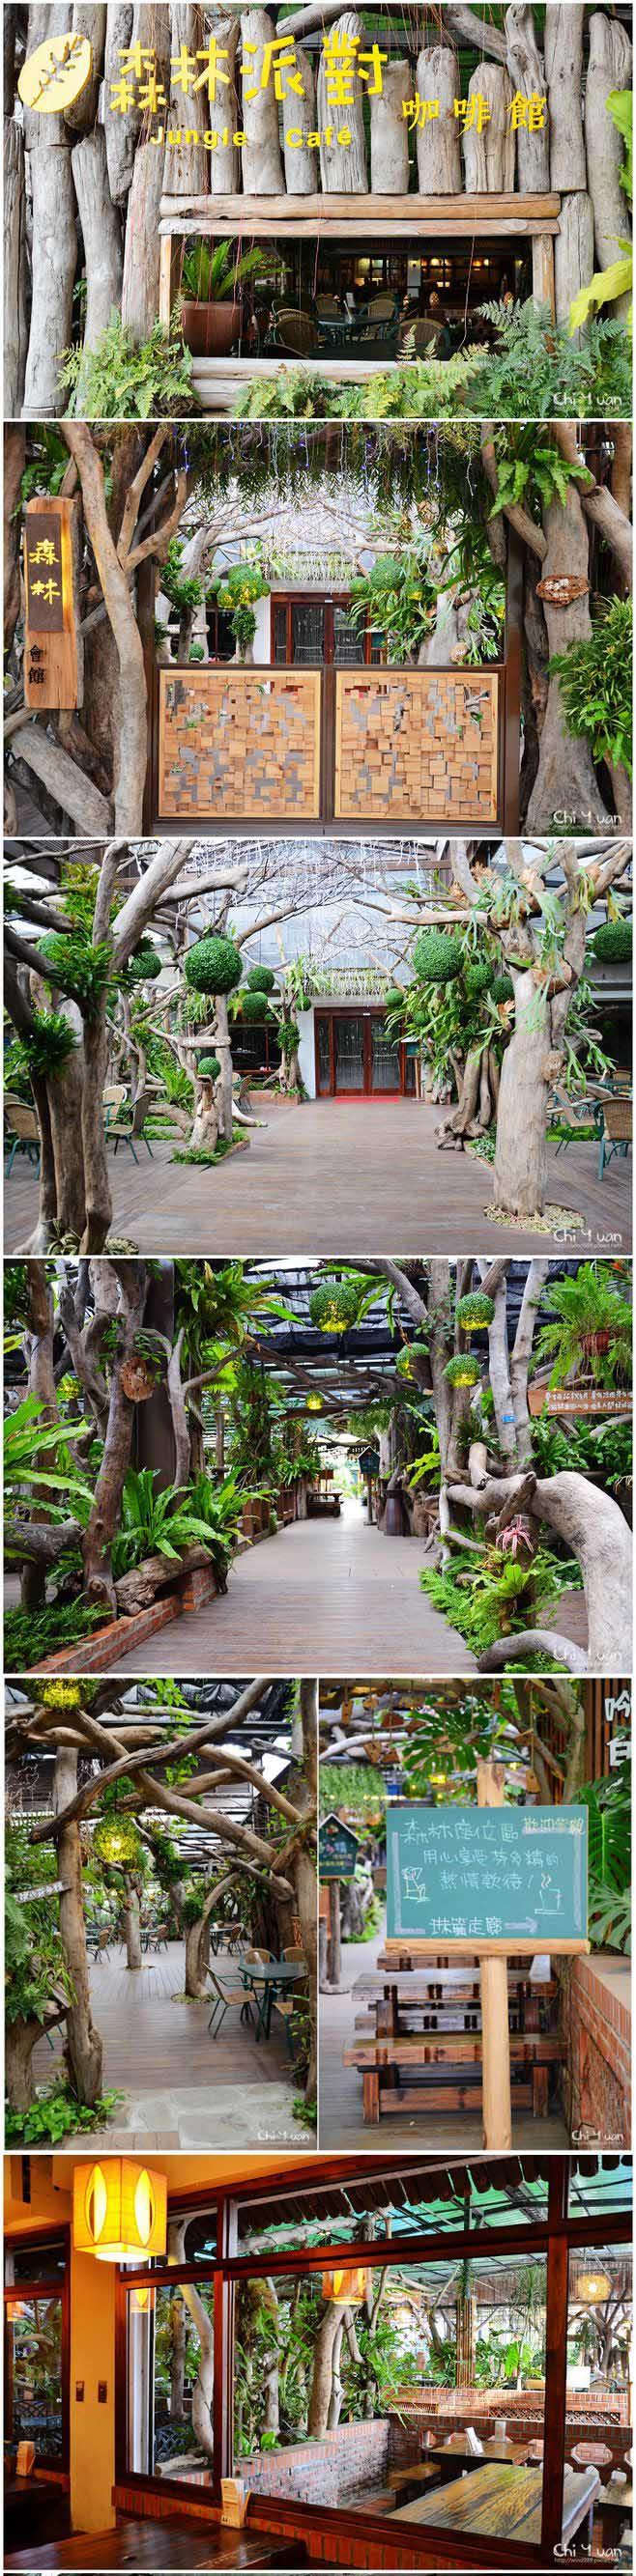 森林咖啡館0133337777.jpg